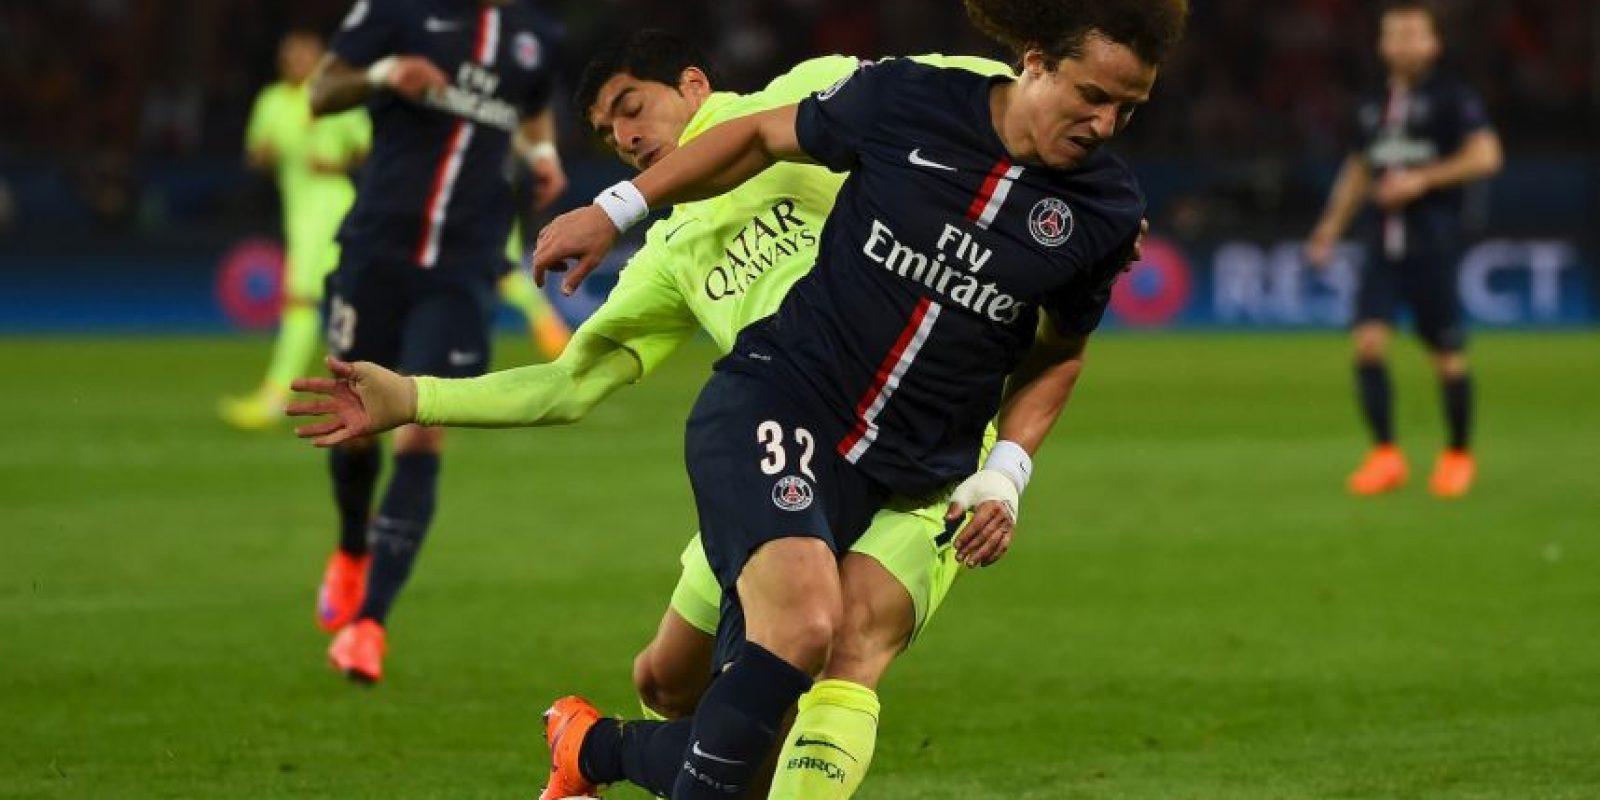 Luiz llegó a este partido apenas recuperado de una lesión que superó en 10 días… cuando el tiempo de recuperación estimado era de un mes. Foto:Getty Images